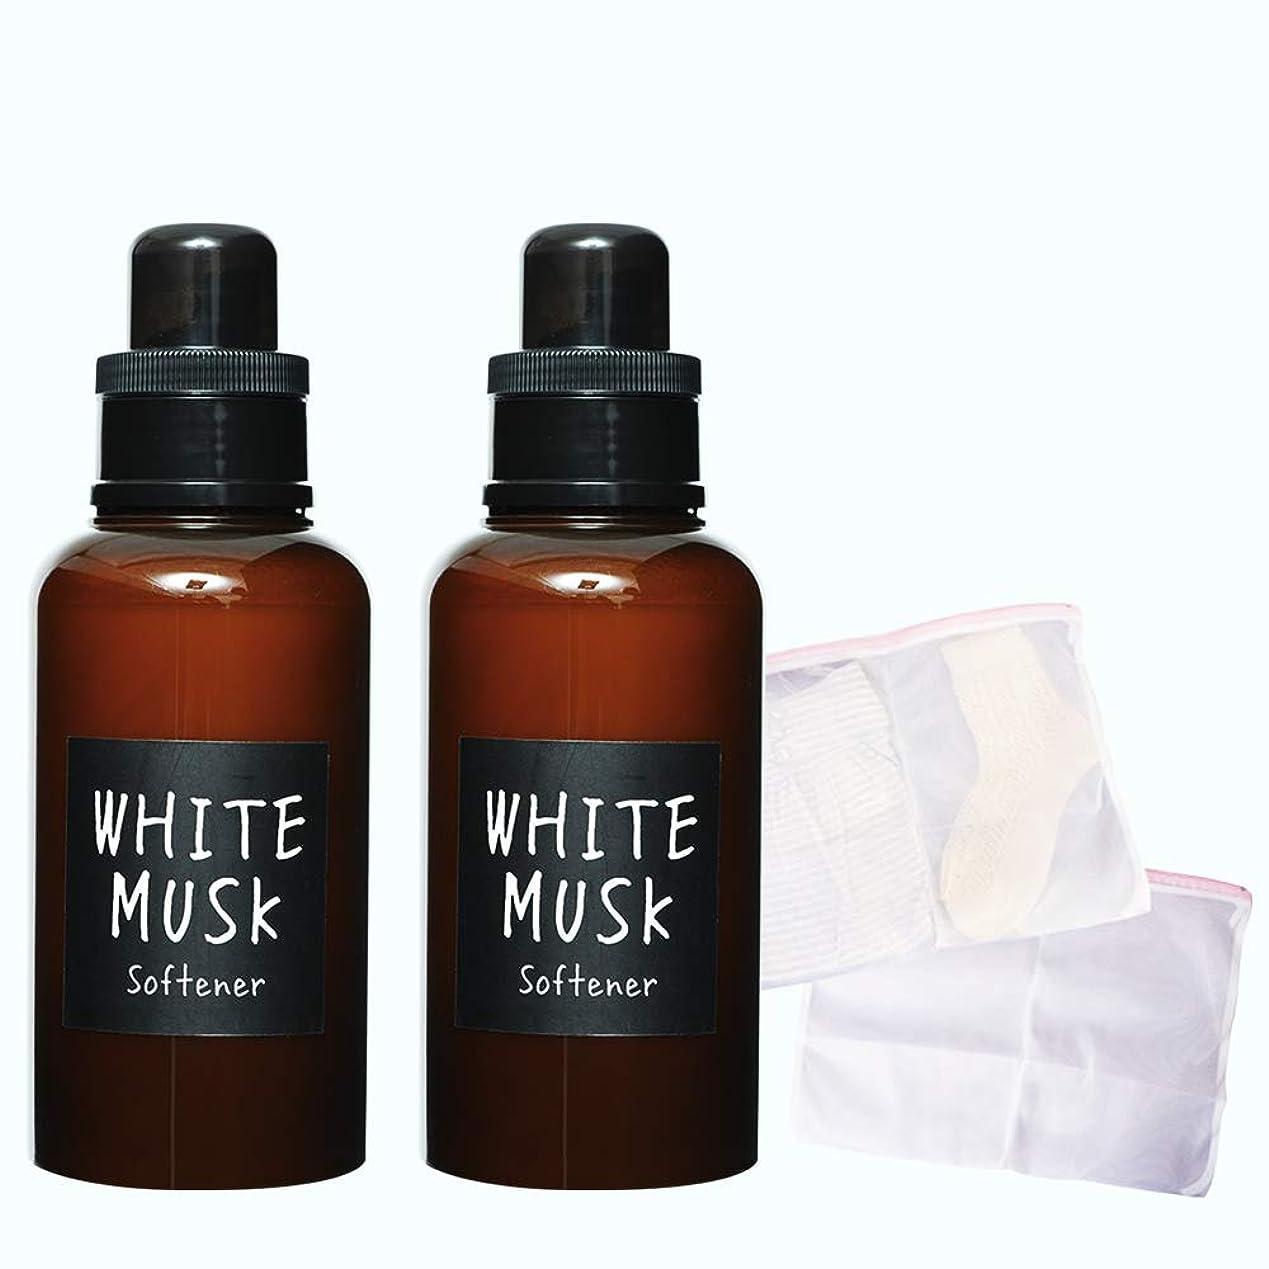 忍耐優先肥沃なノルコーポレーション JohnsBlend 柔軟剤 ホワイトムスクの香り OA-JON-15-1(おまけ2WAY洗濯ネット)510ml×2本セット